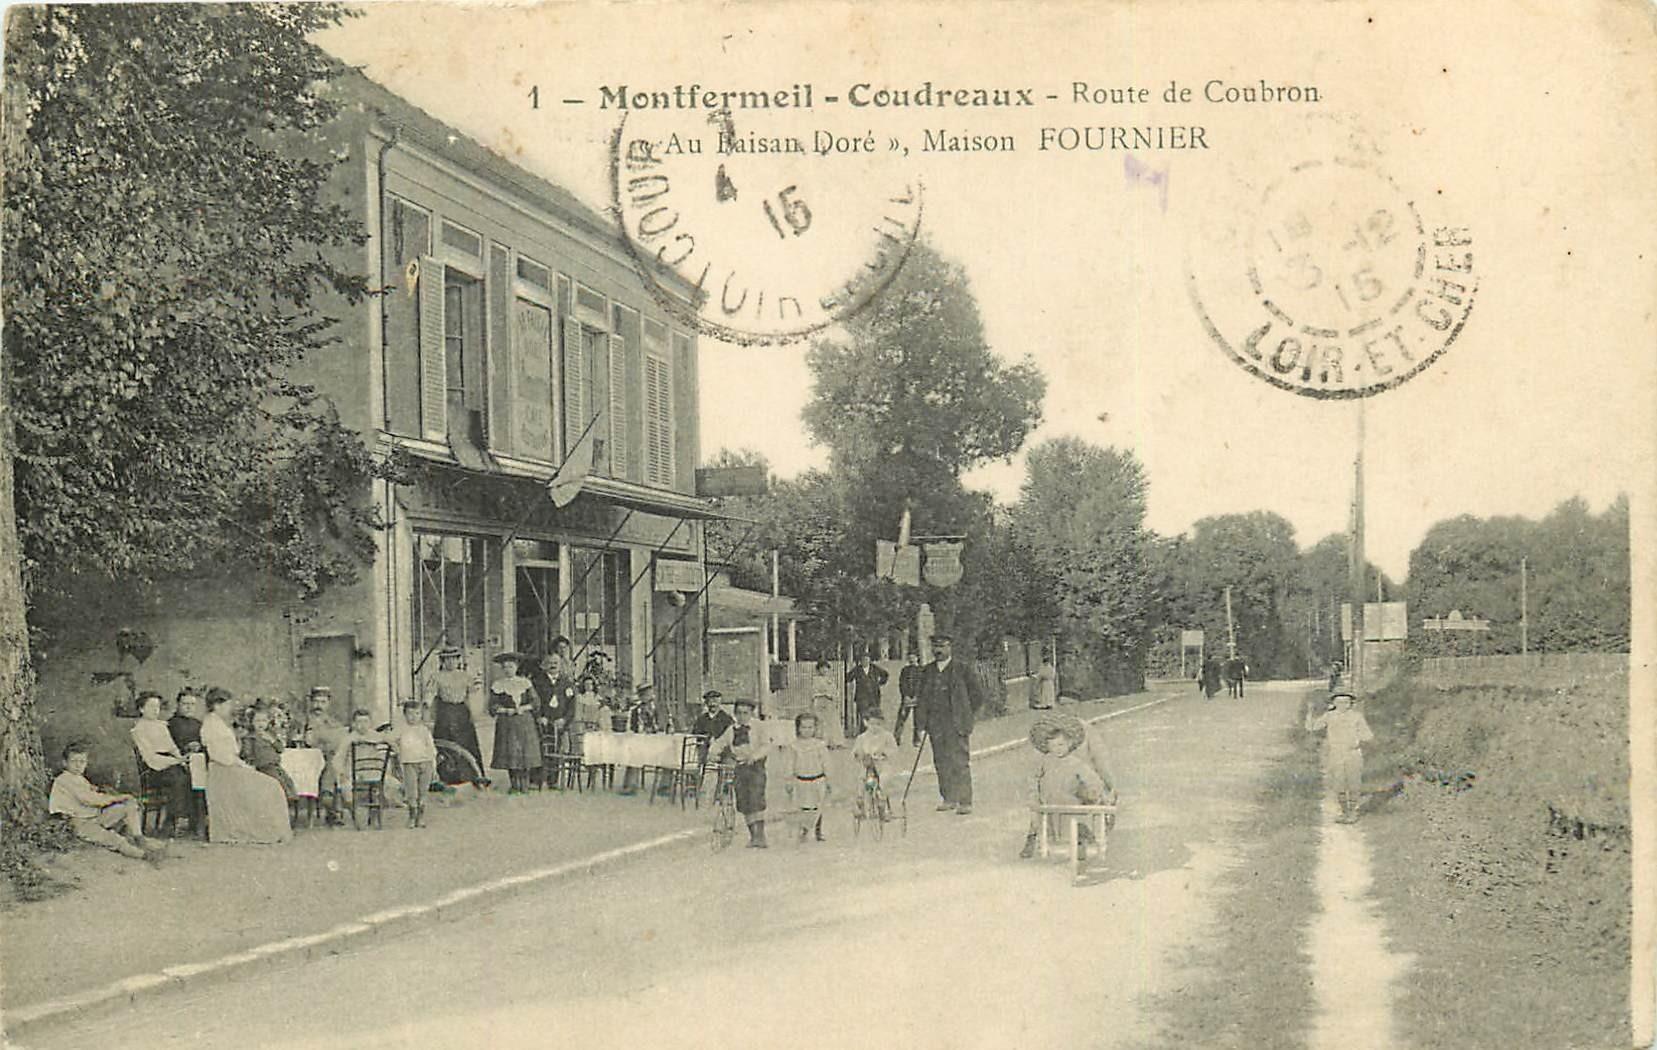 93 MONTFERMEIL-COUDREAUX. Café Restaurant Au Faisan Doré route de Coubron 1915